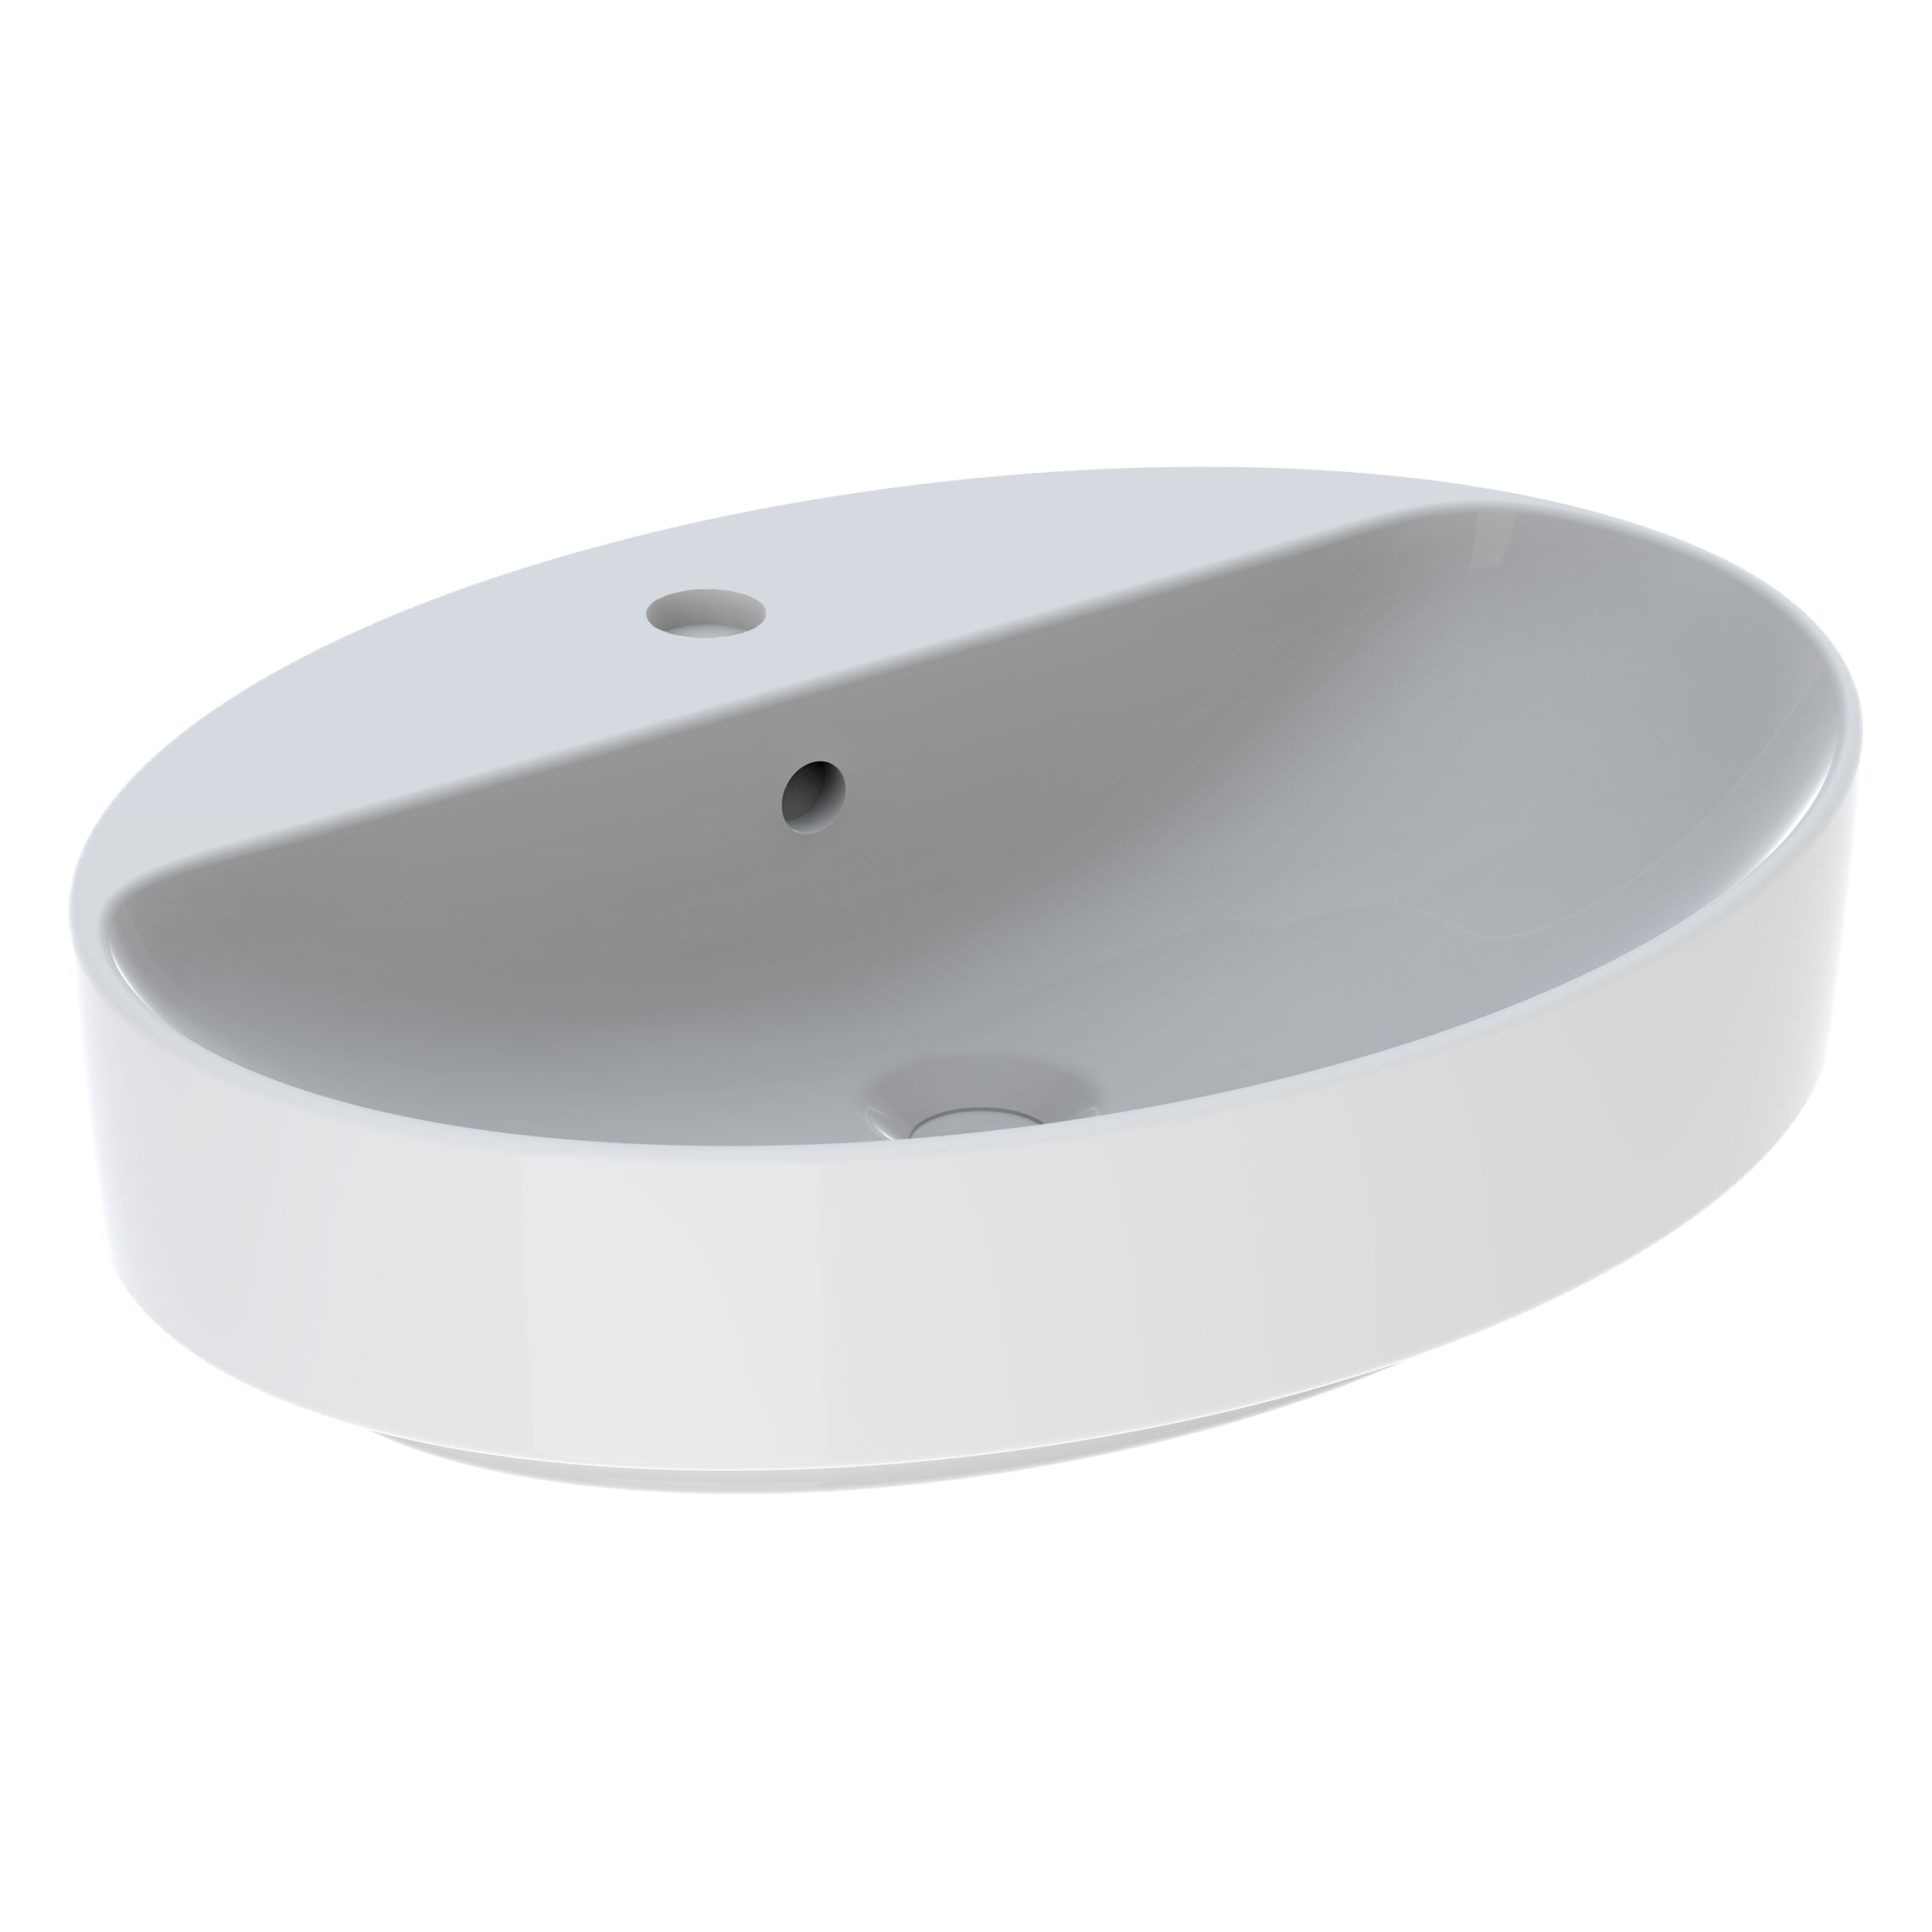 Tvättställ Ifö Variform 600 mm Lay-on Ovalt Kanthylla